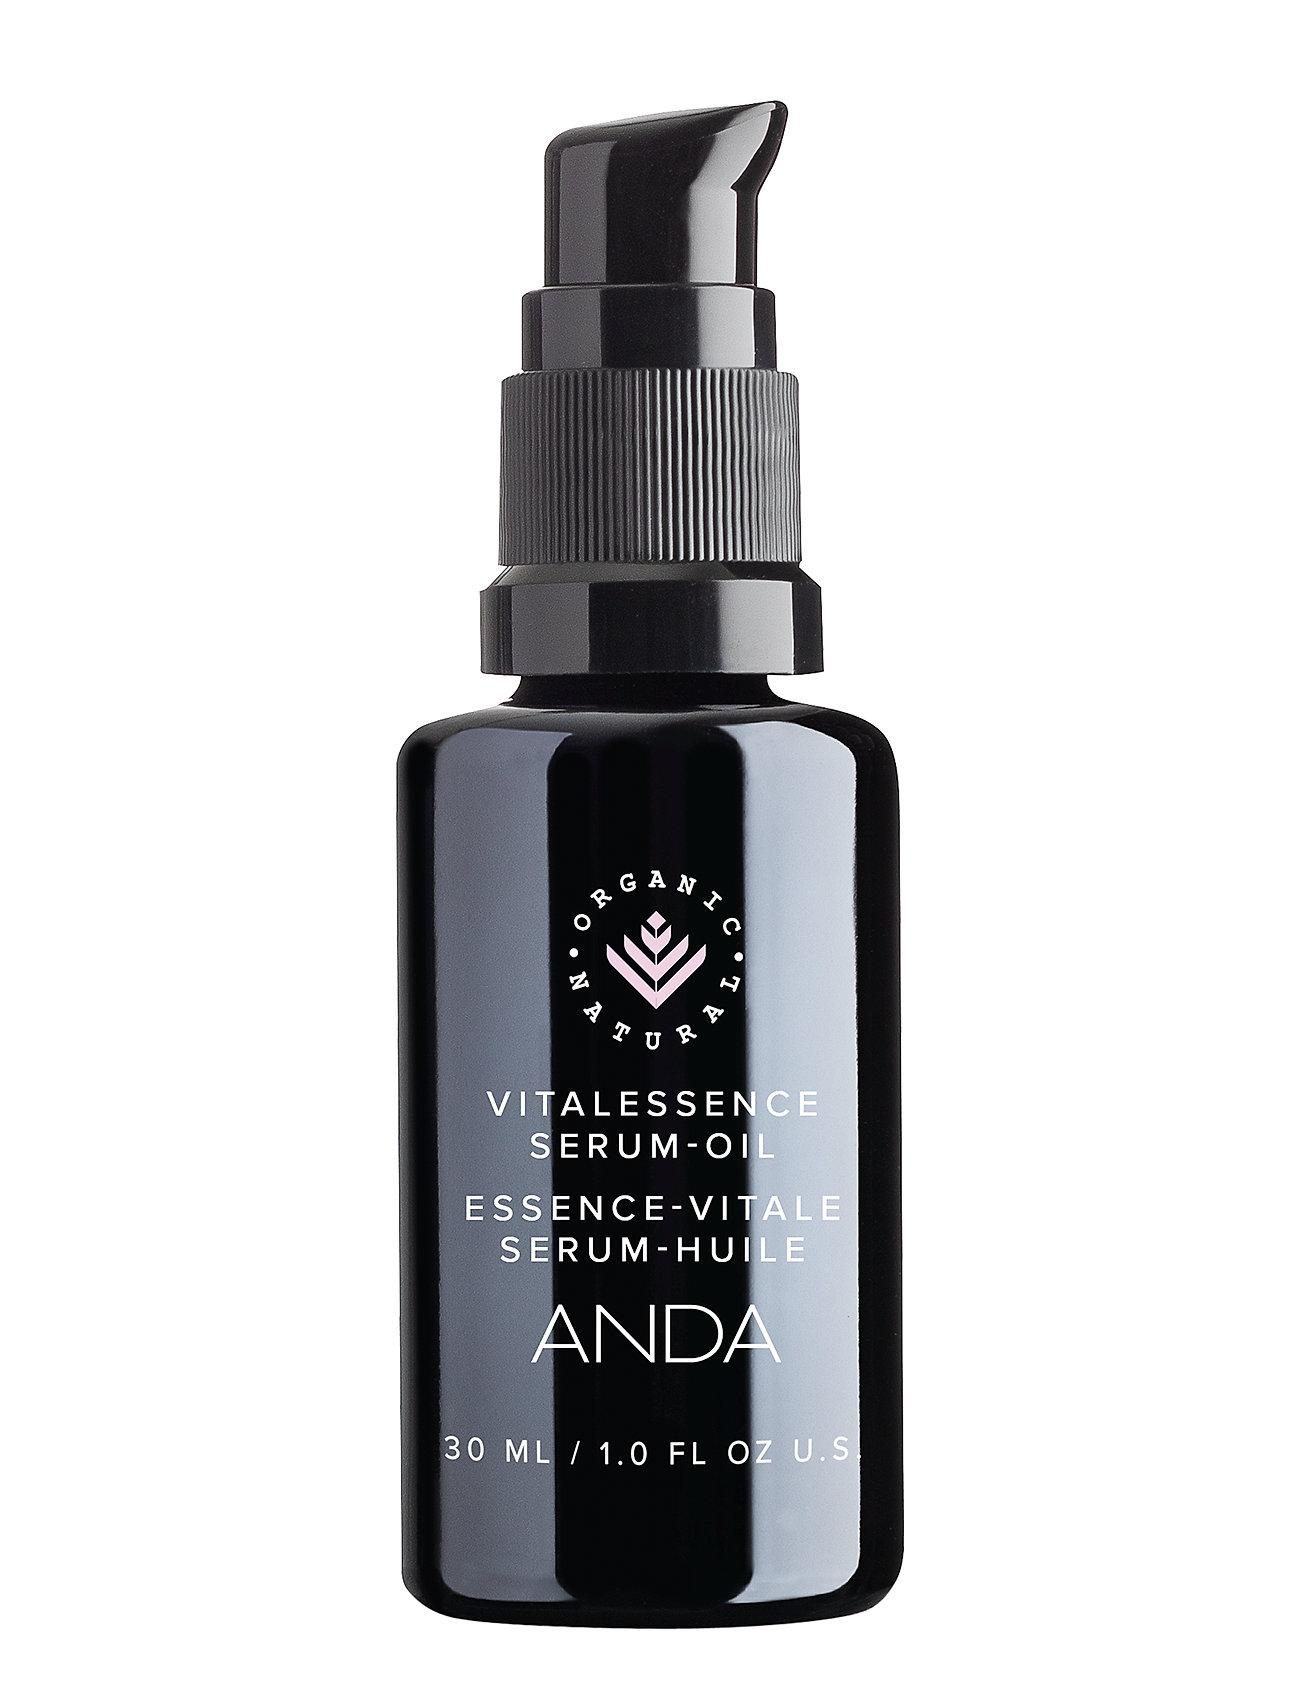 Image of Vitalessence Serum-Oil (3132352529)